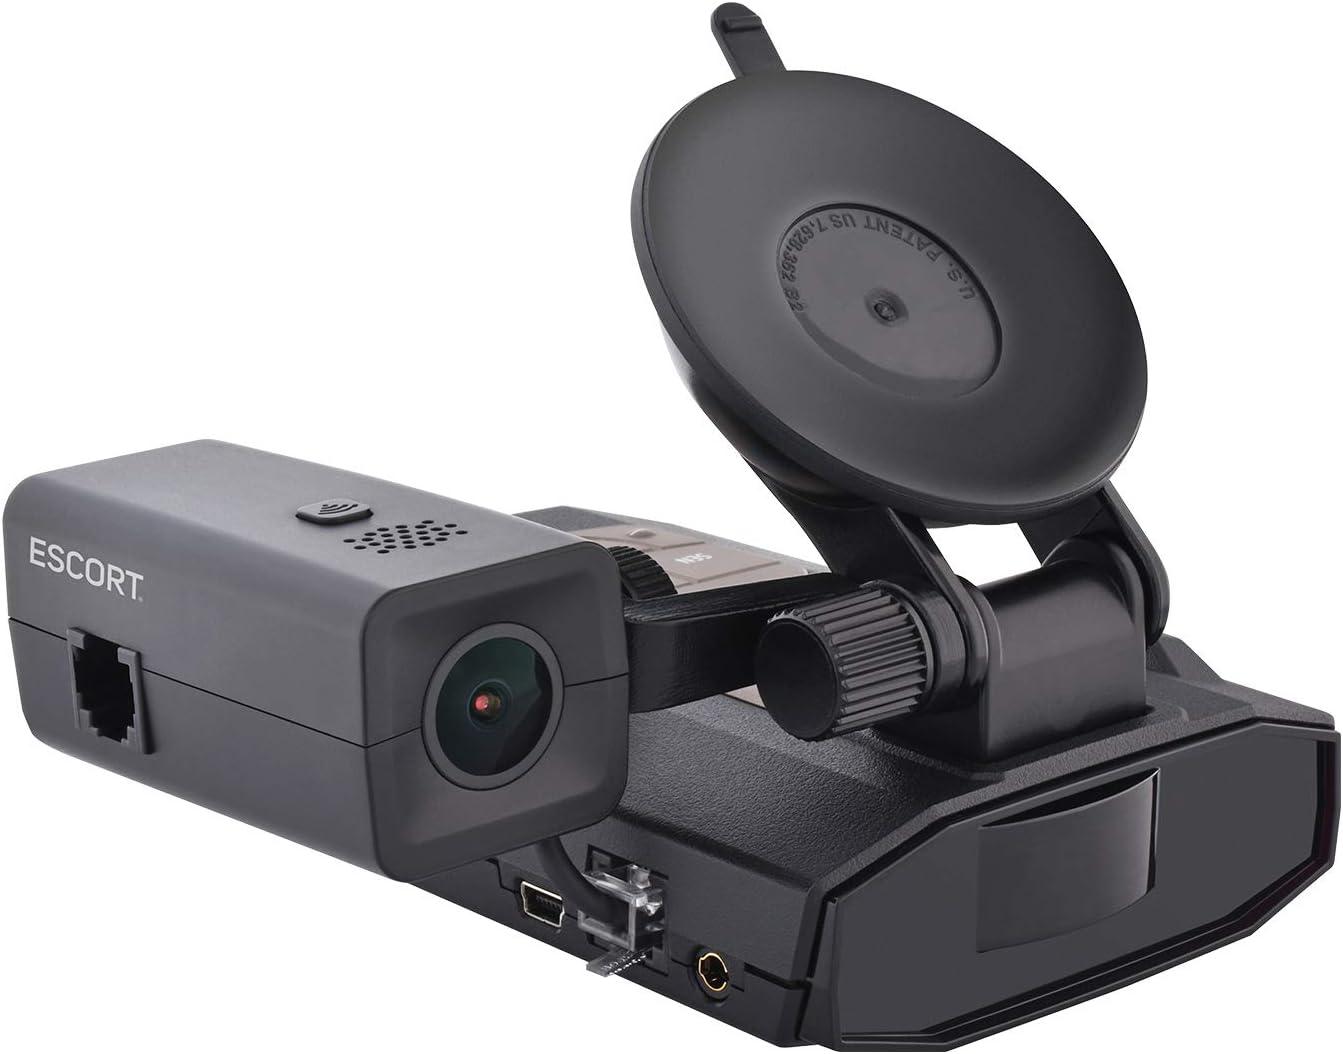 Escort Max 360C Radar Detector ReviewS